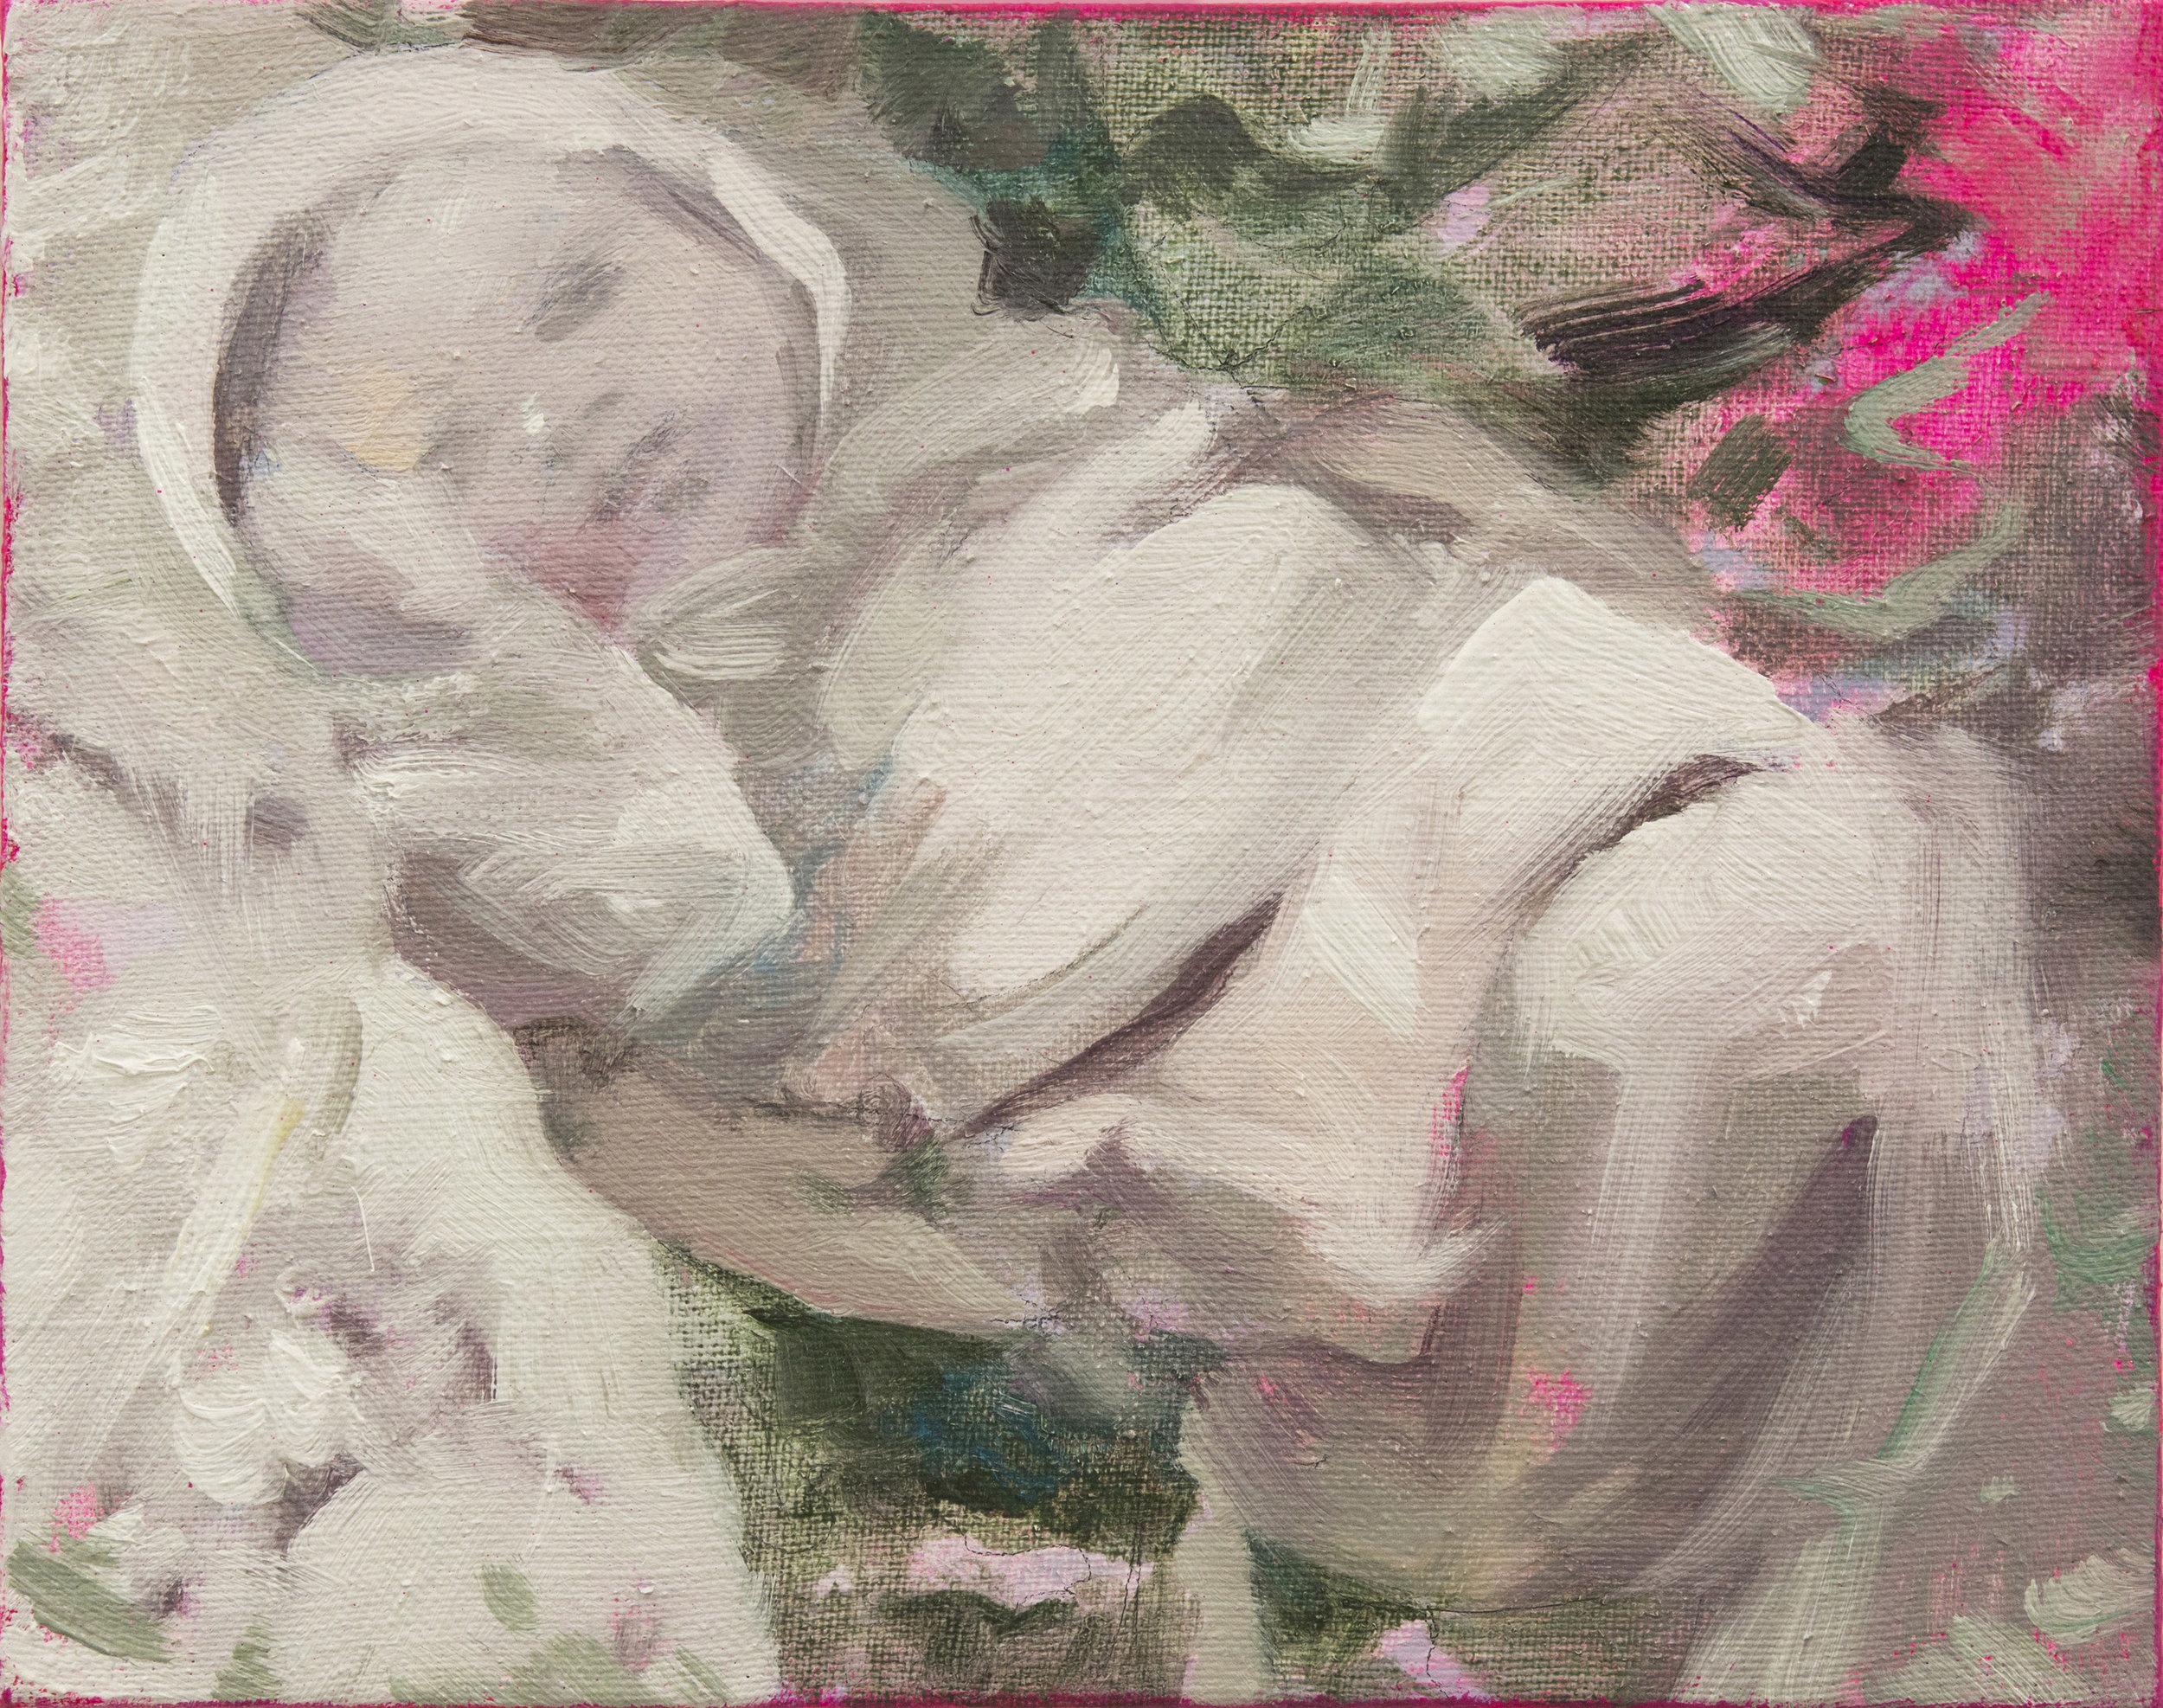 Lullaby1 24x30cm 2015 Oil on canvas .jpg